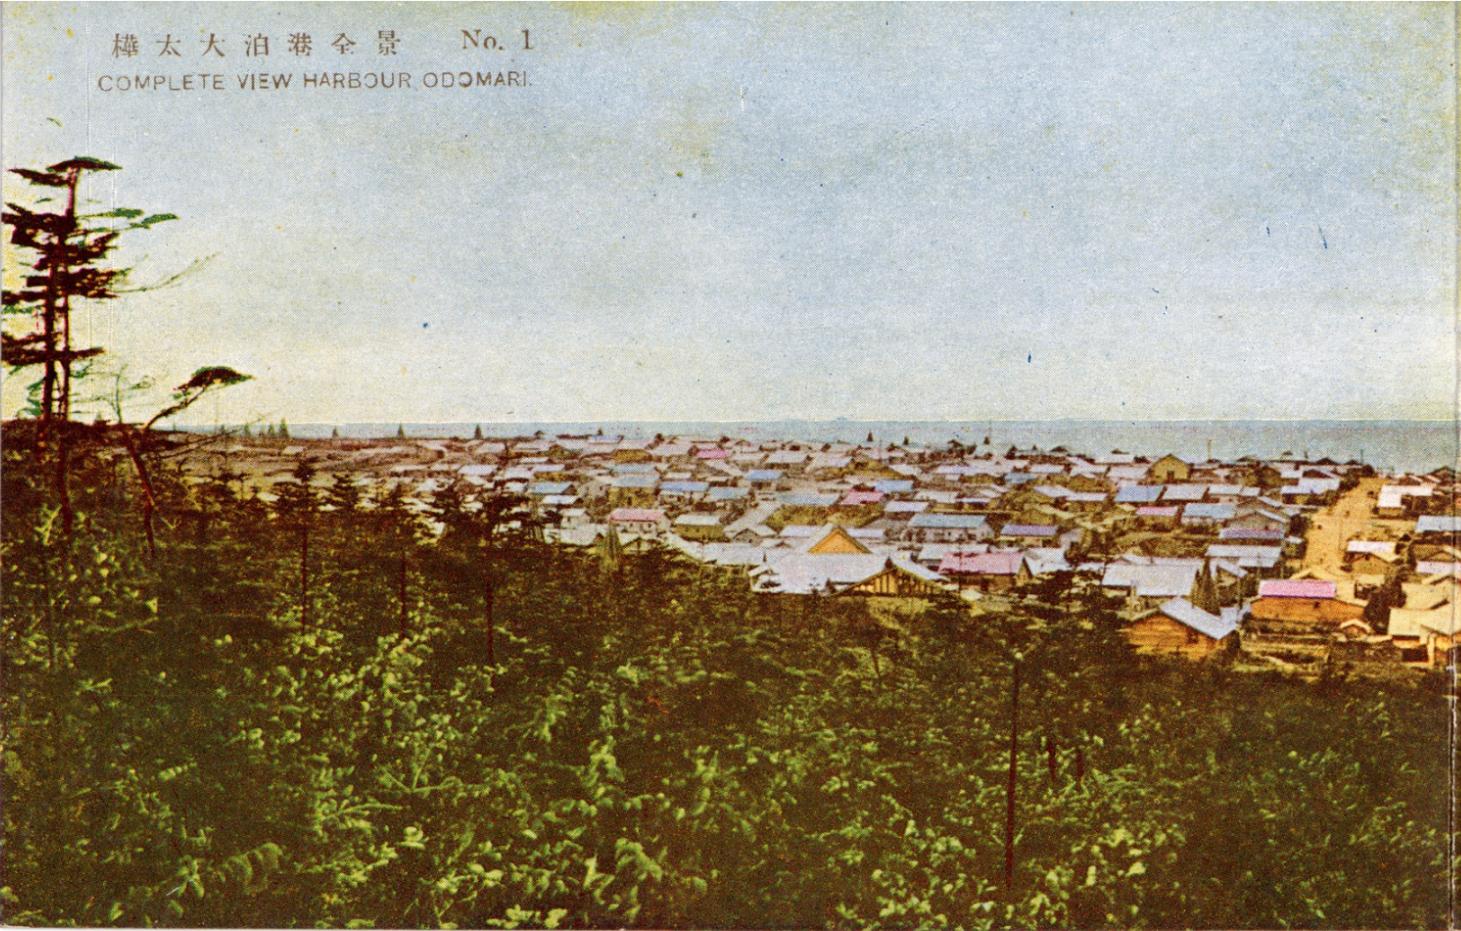 Панорама гавани г. Одомари. 1 из 4.